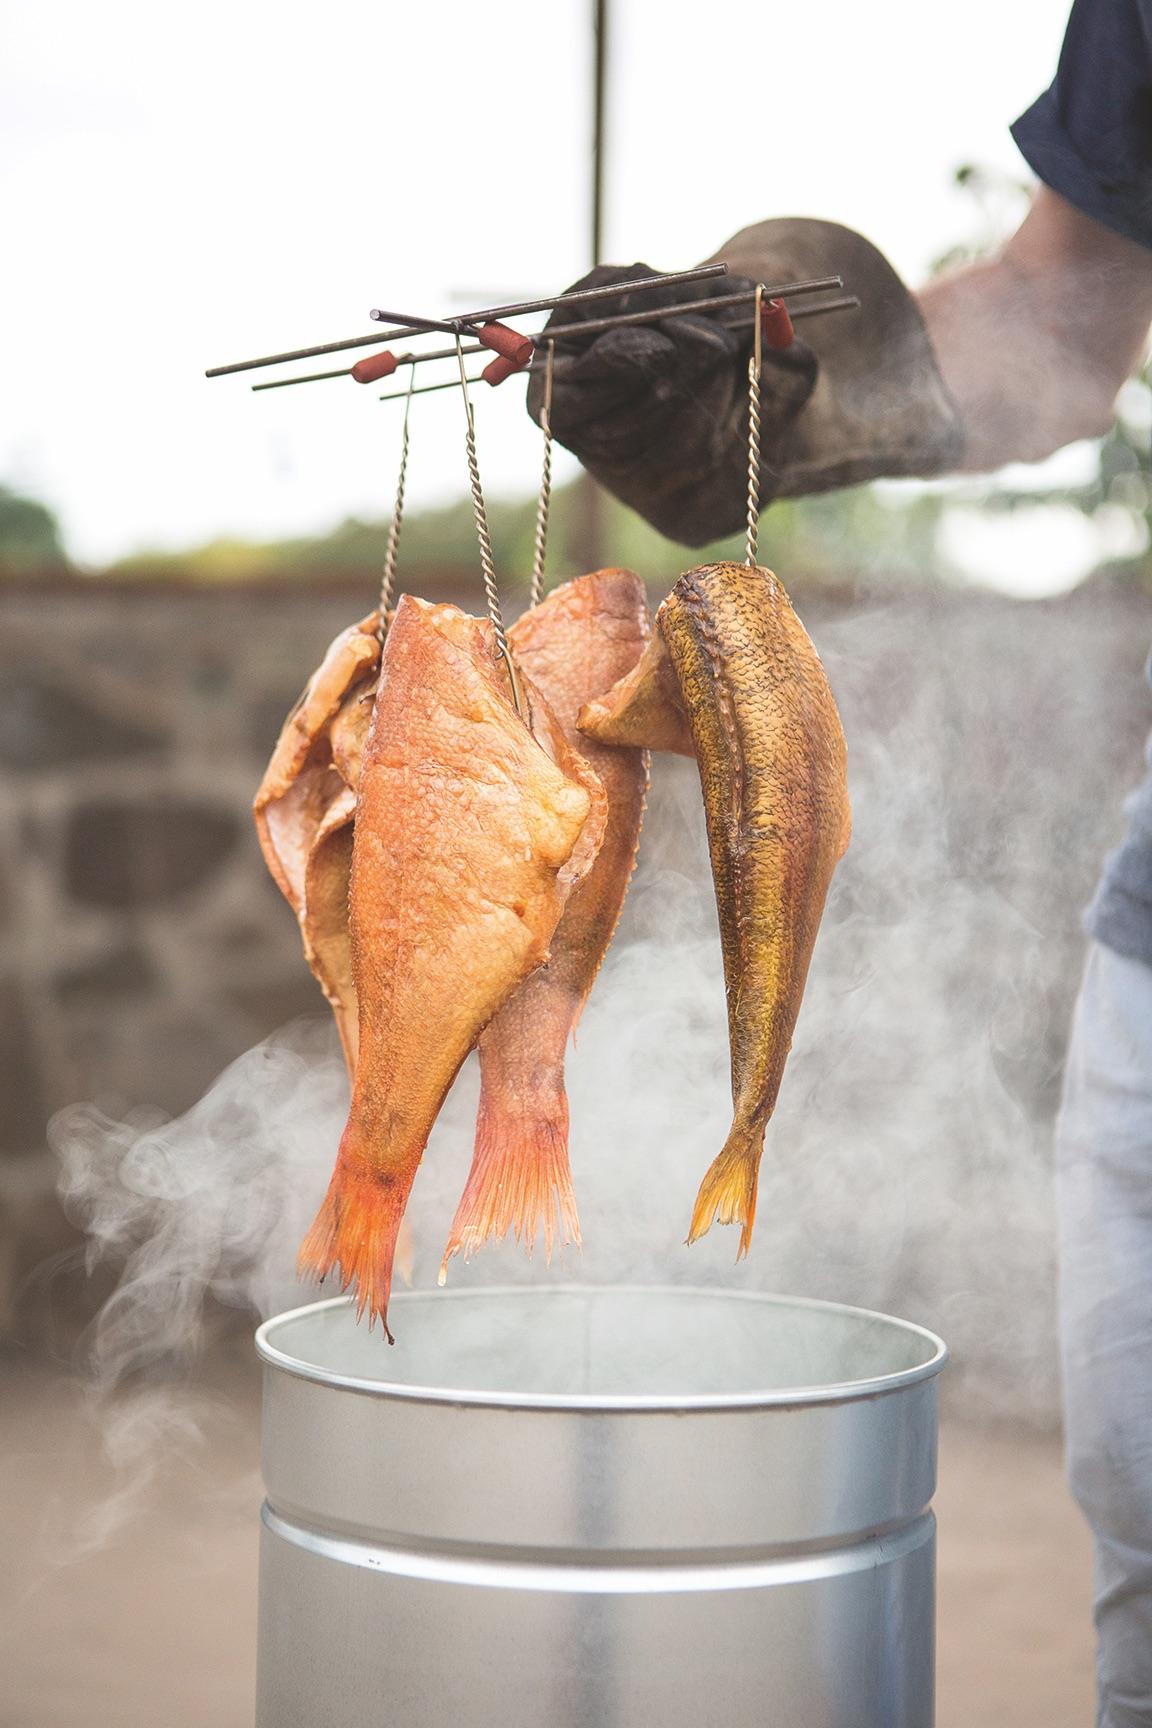 Räucherfisch (Glut& Späne)*